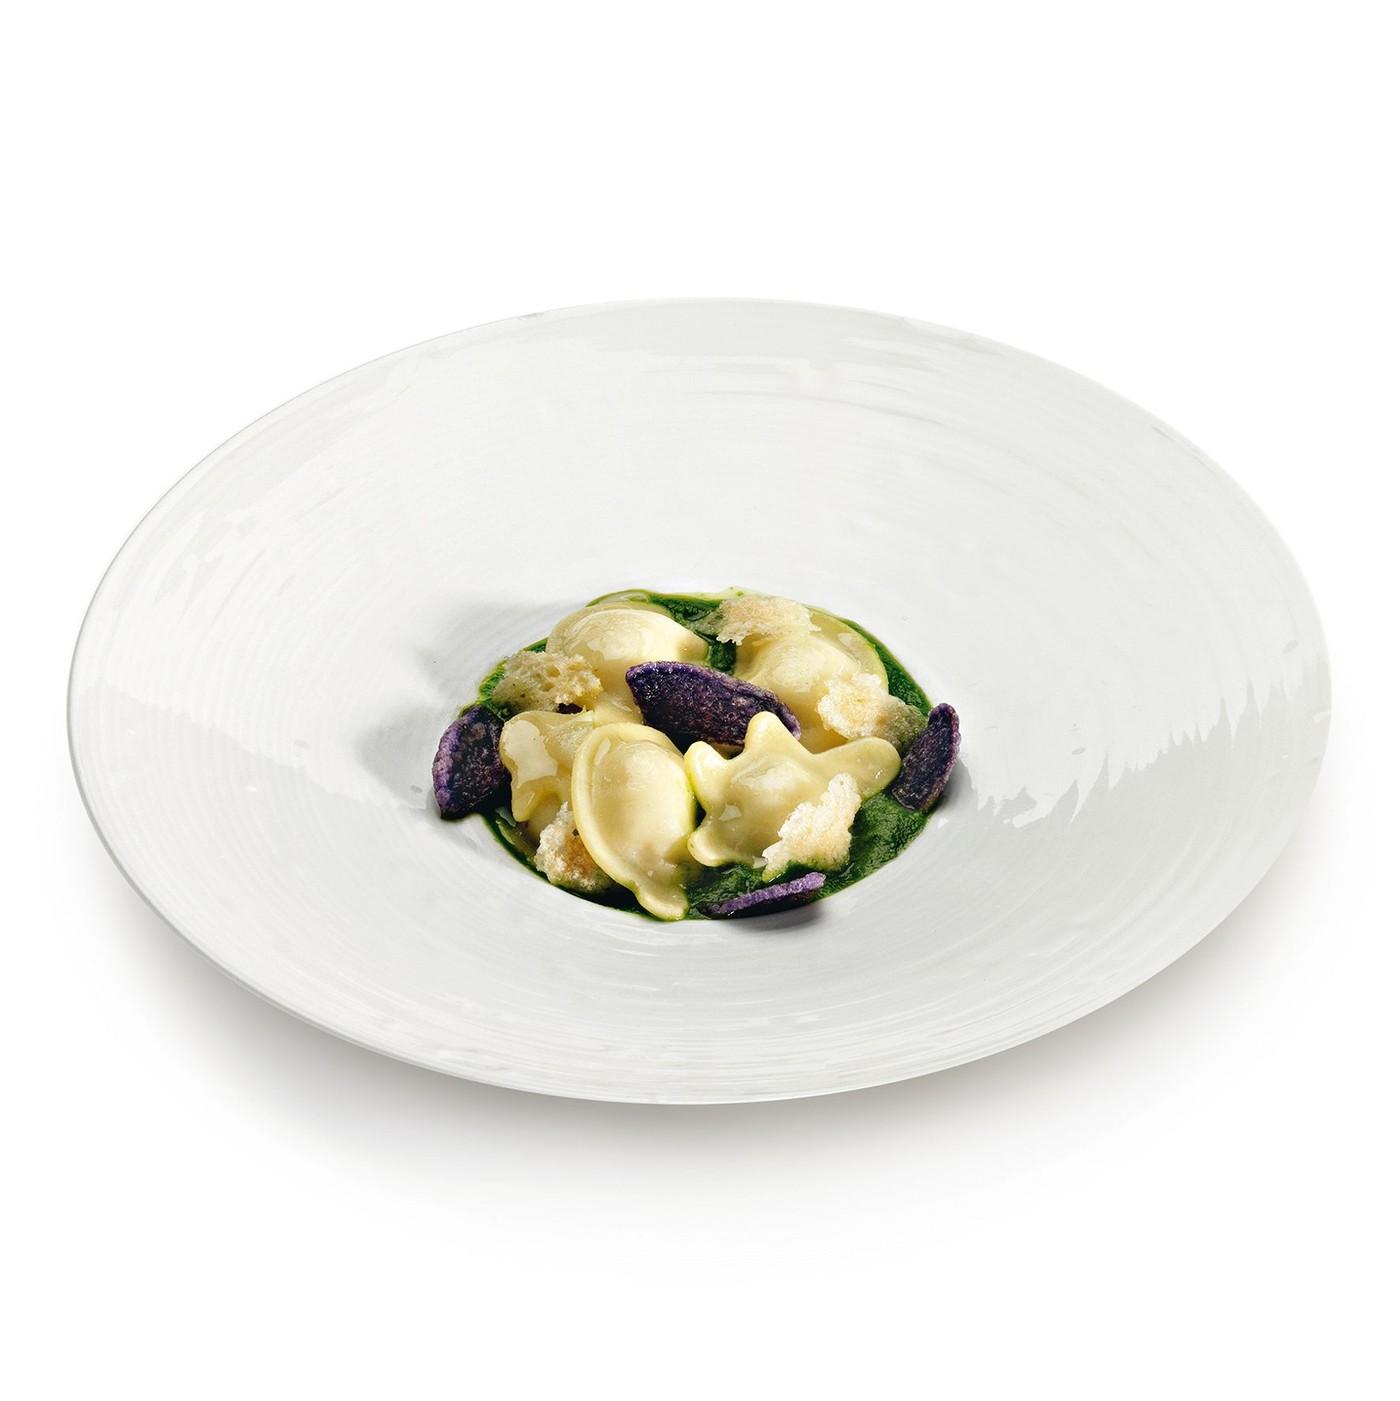 receta de Amichetti Con Quesos